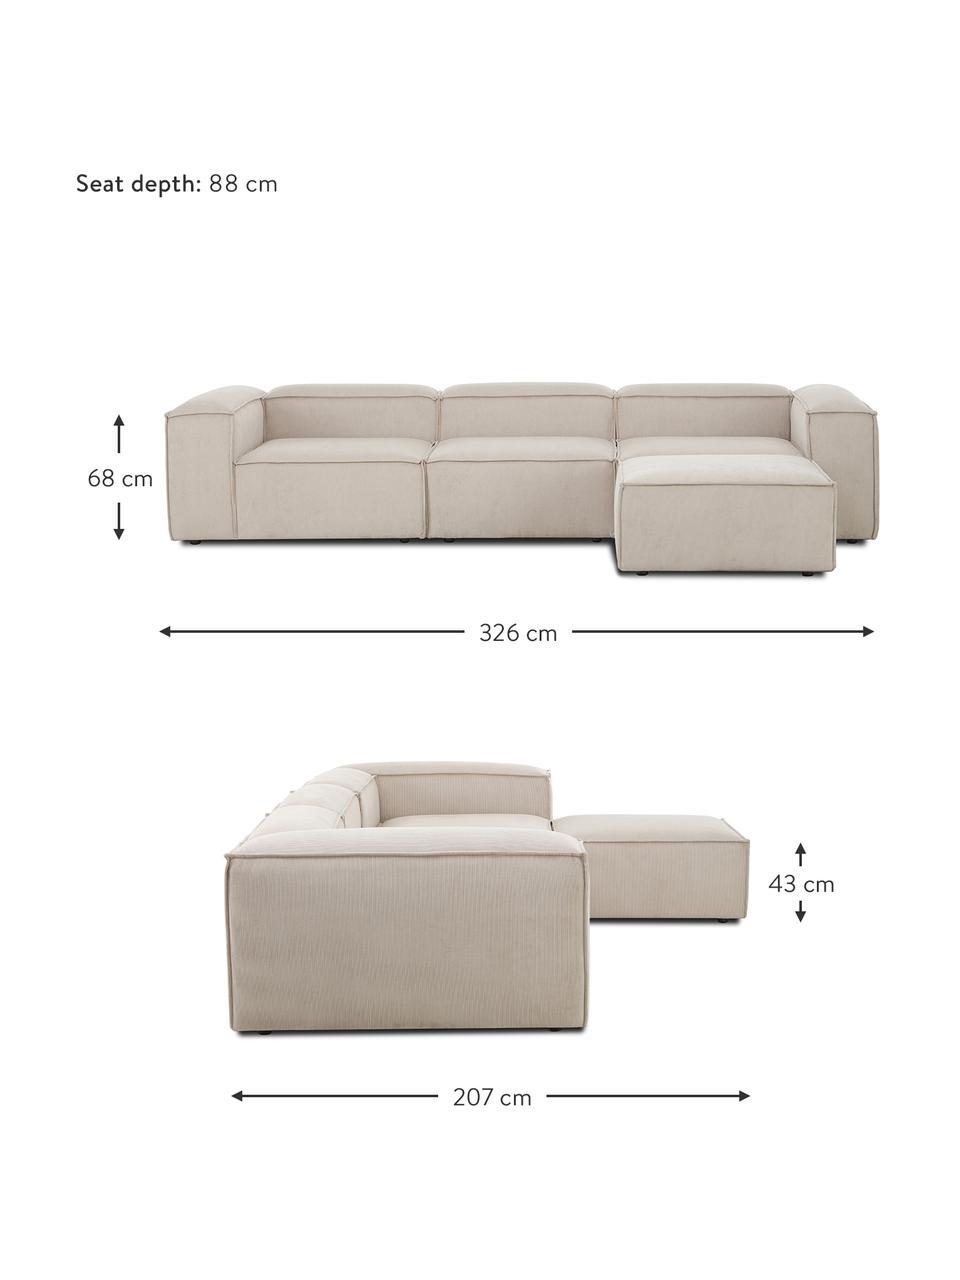 Canapé modulable 4 places velours côtelé beige avec pouf Lennon, Velours côtelé beige